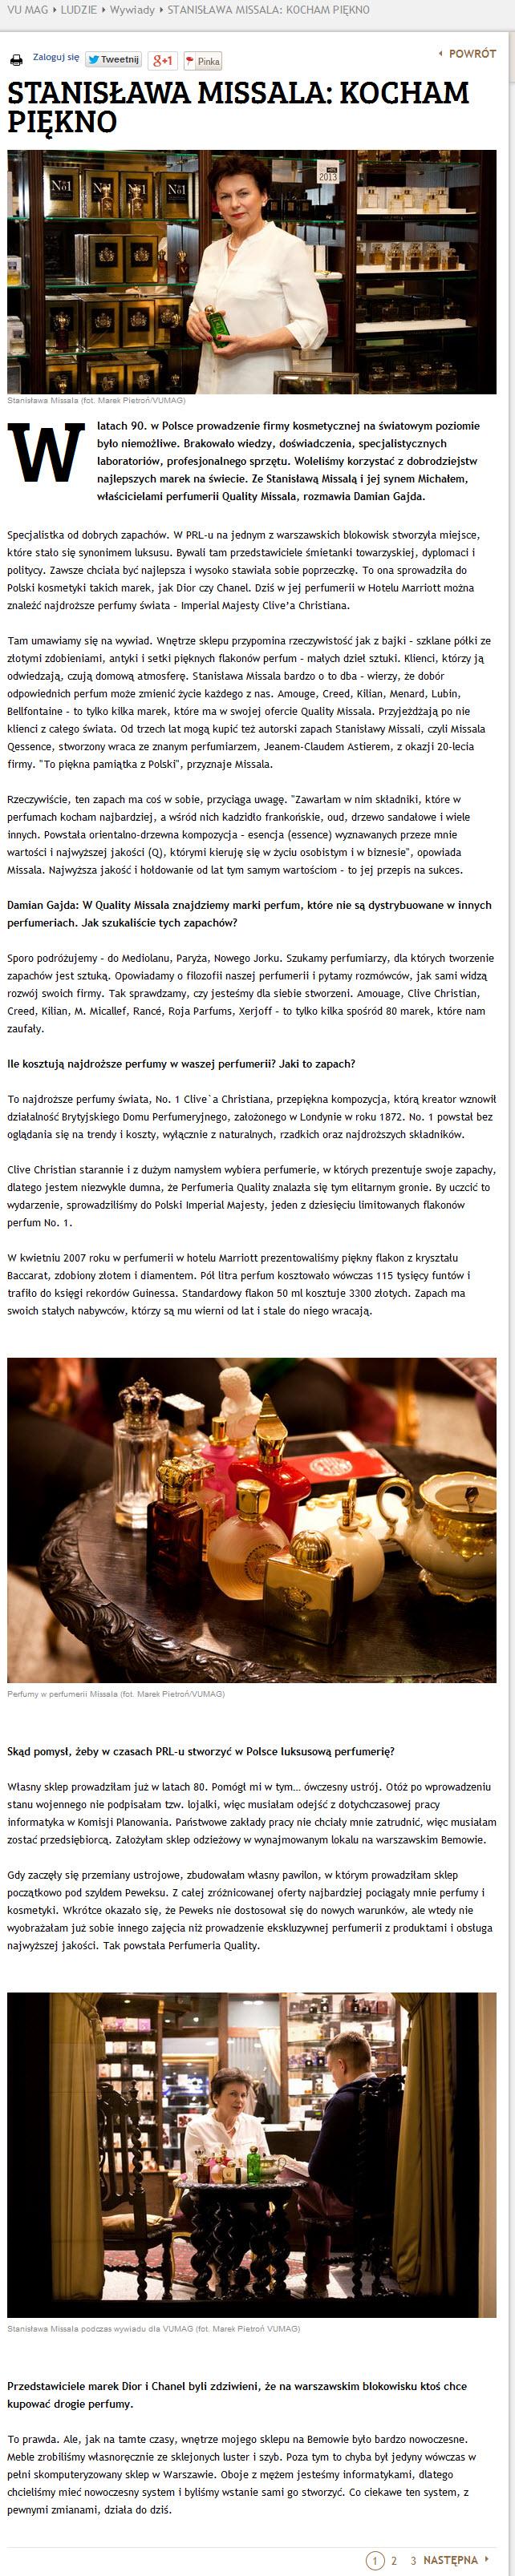 2014.06.22_vumag.pl_wywiad ze Stanisławą Missalą (1)